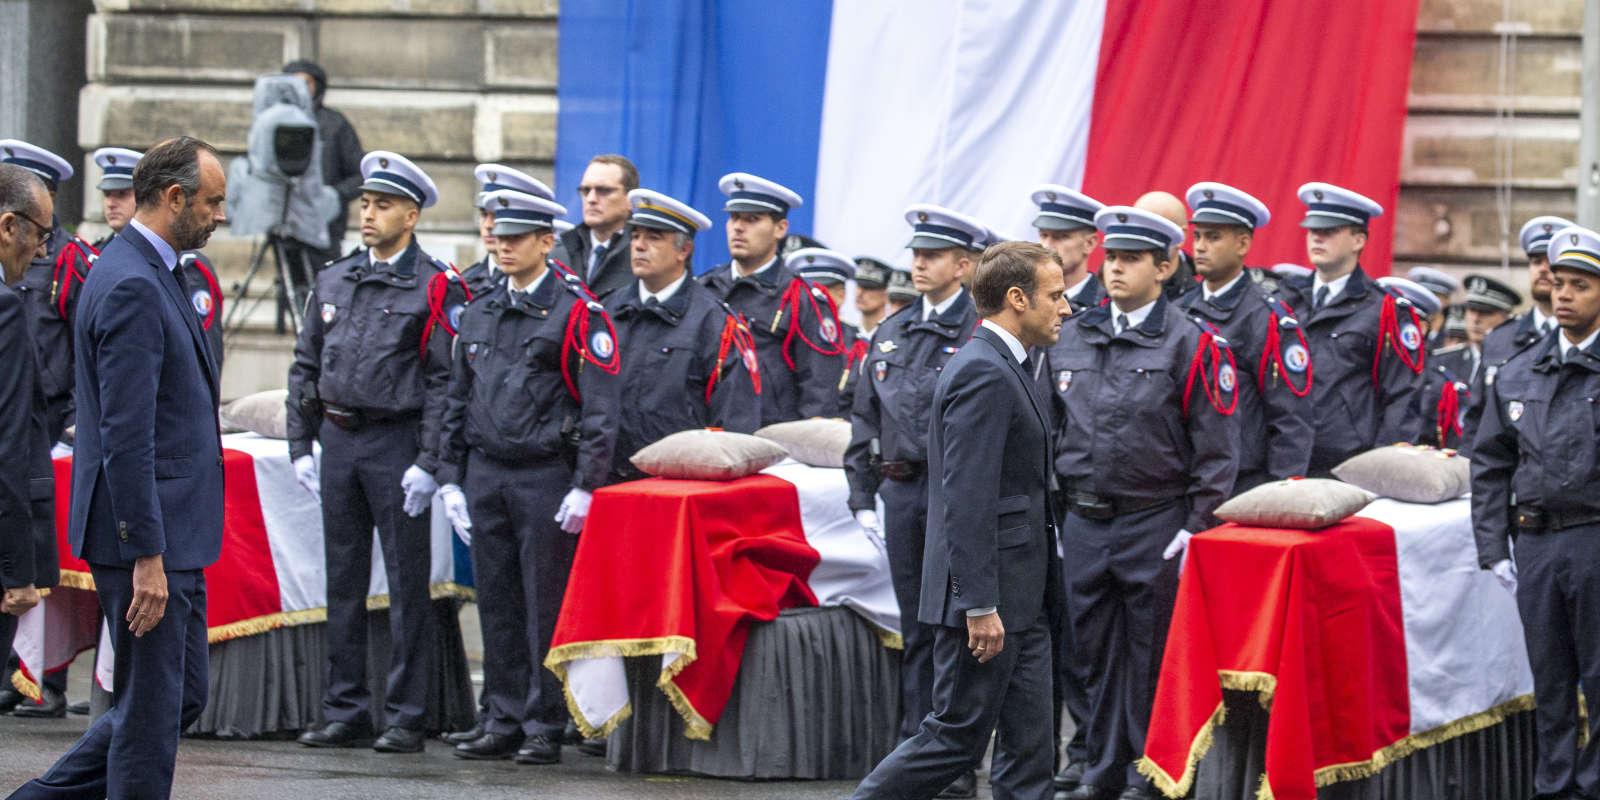 Le premier ministre Edouard Philippe et le président Emmanuel Macron lors de la cérémonie en hommage aux victimes de l'attaque à la Préfecture de Police de Paris, le 8 octobre 2019.